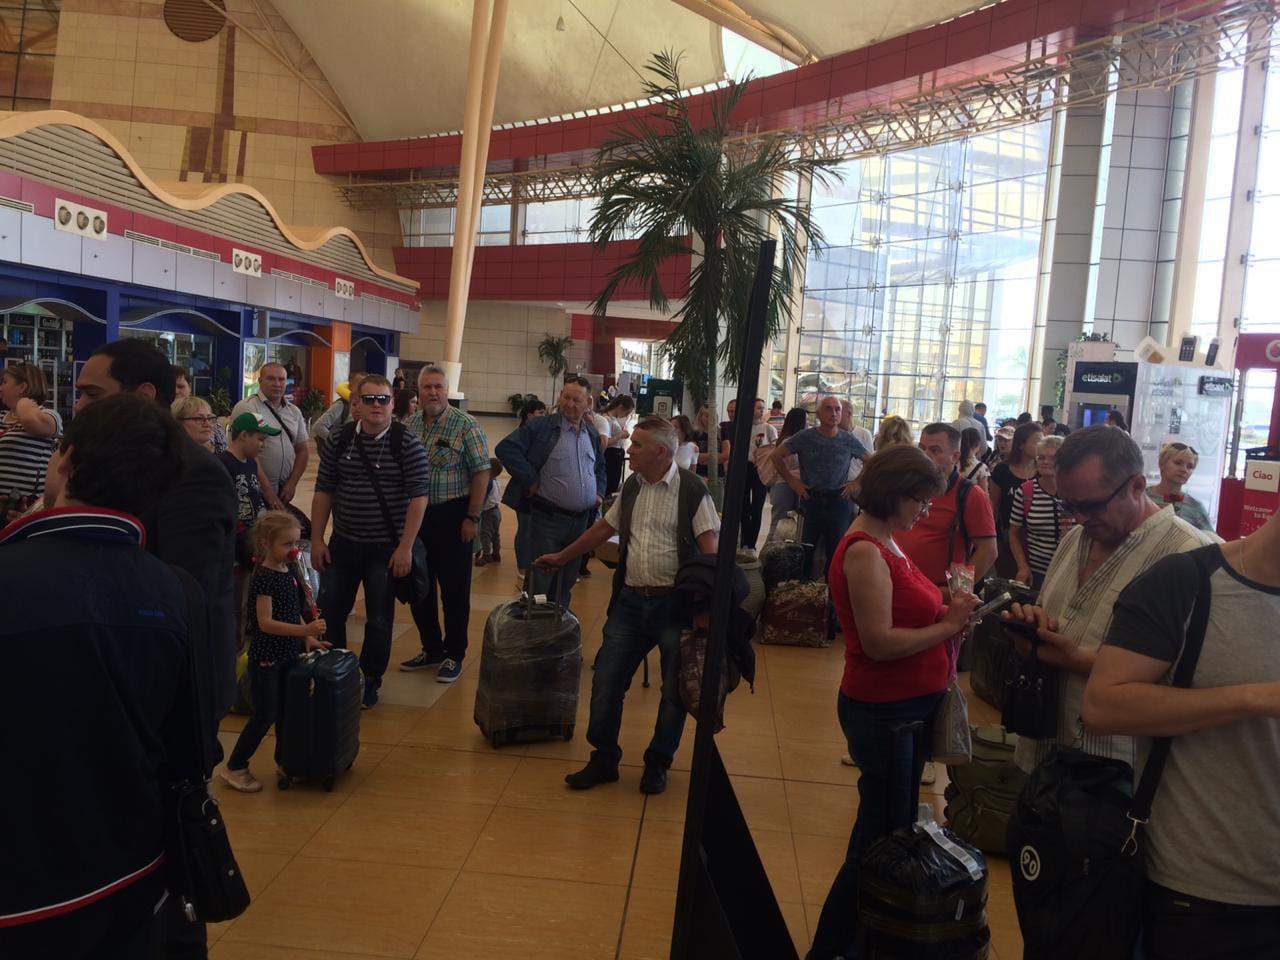 وصول اول طائرة من روسيا اليوم الي مطار شرم الشيخ  (6)